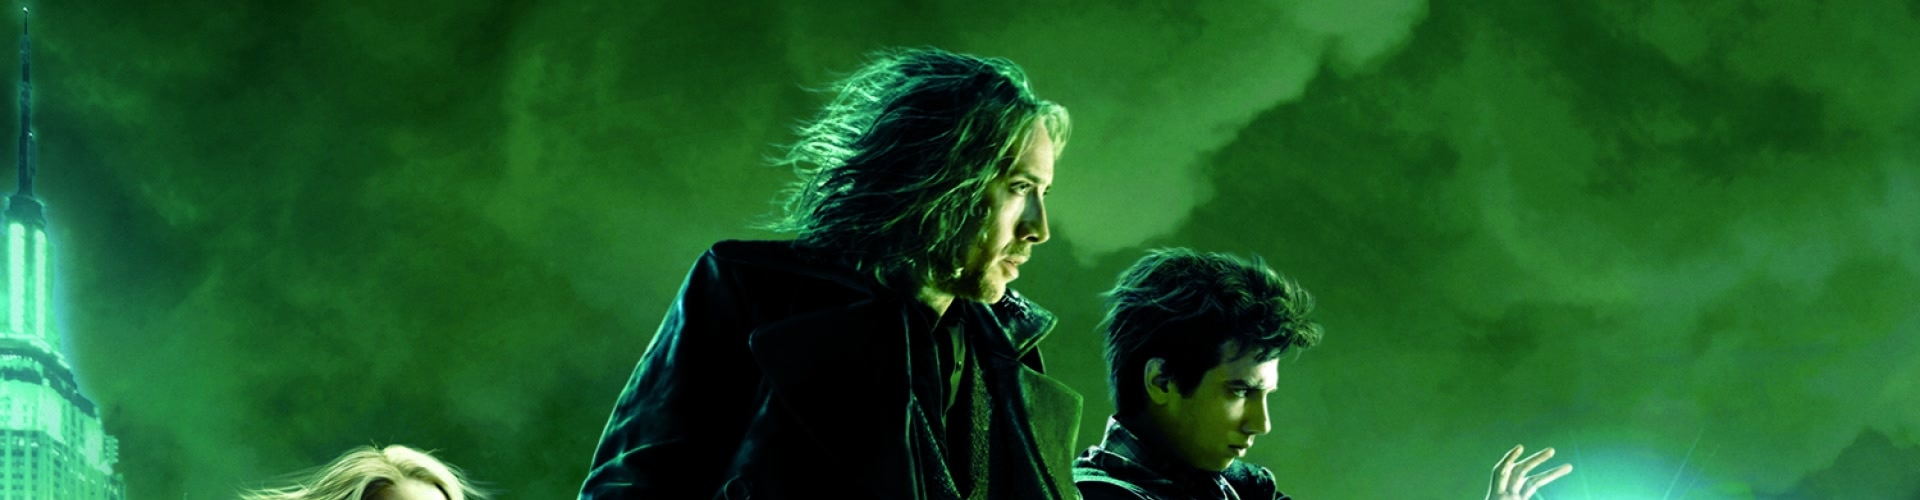 Watch The Sorcerer's Apprentice Online